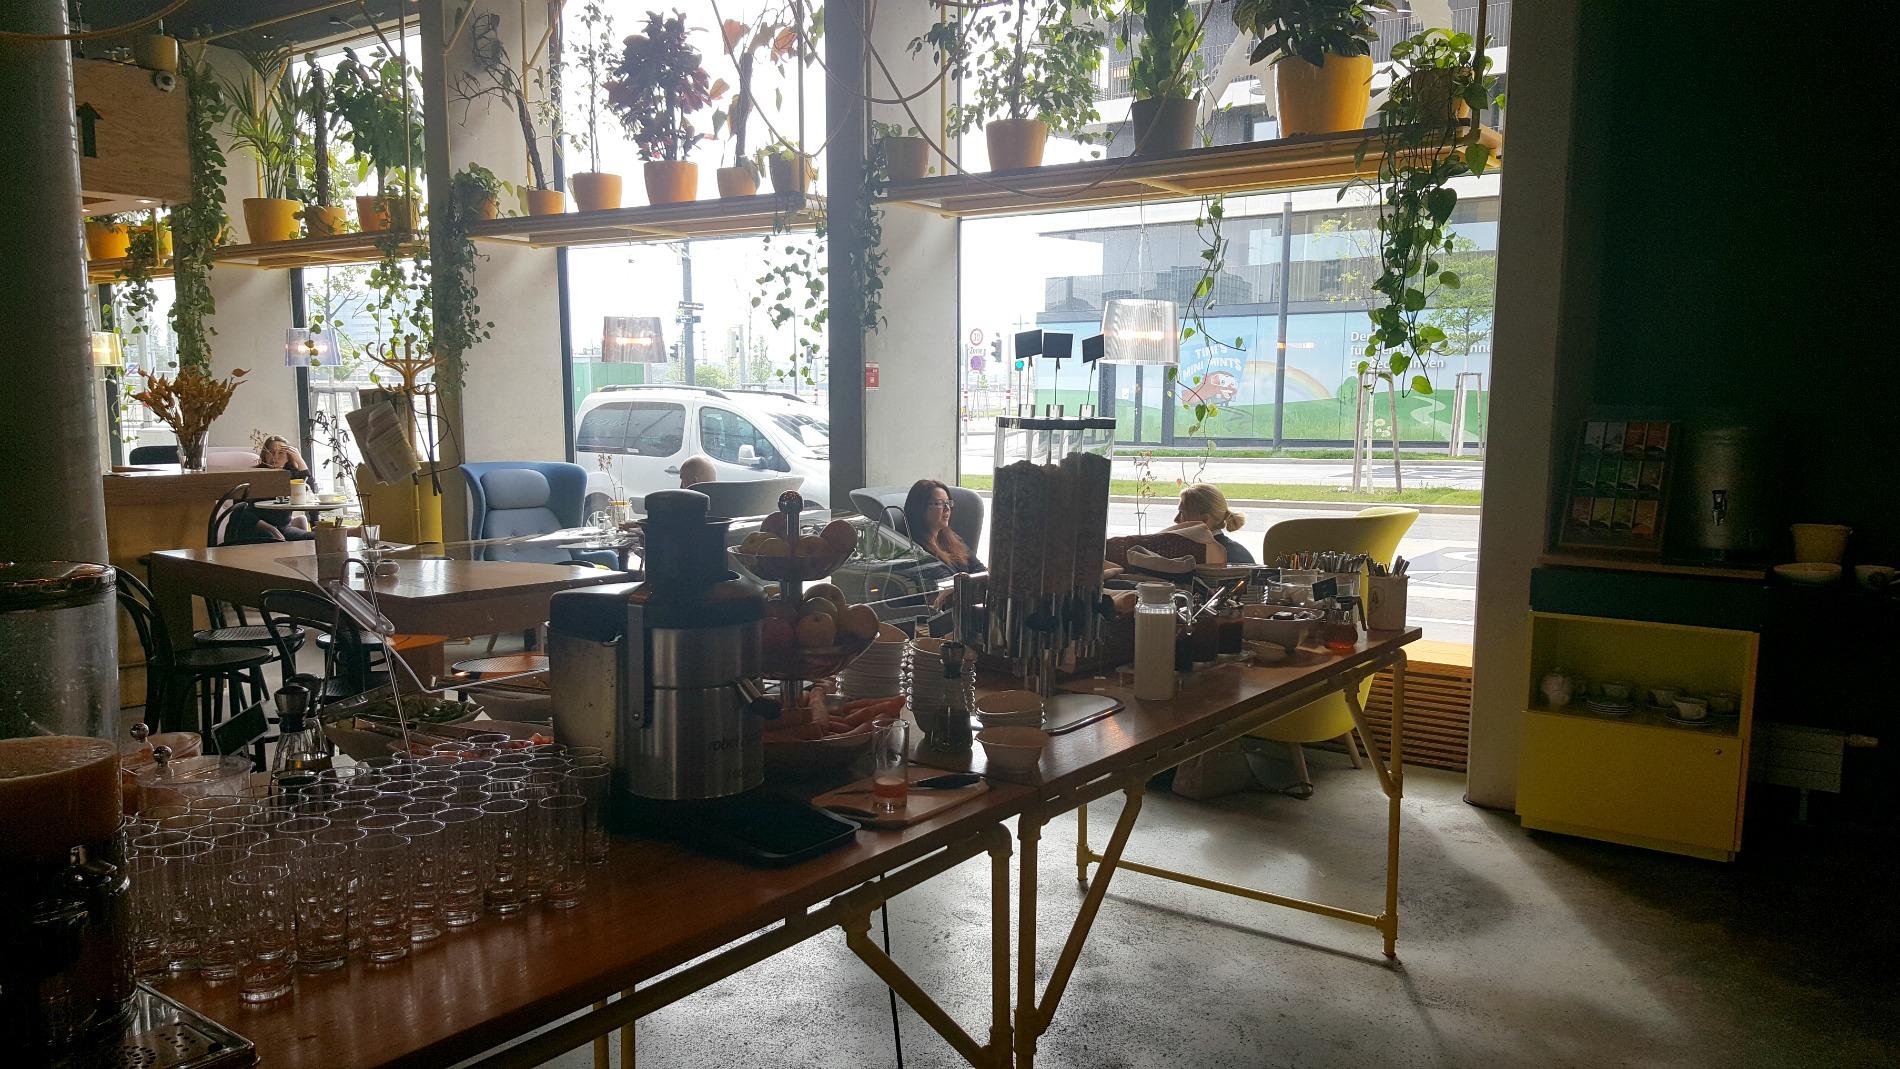 hotel-schani-wien-fresh-buffet-breakfast